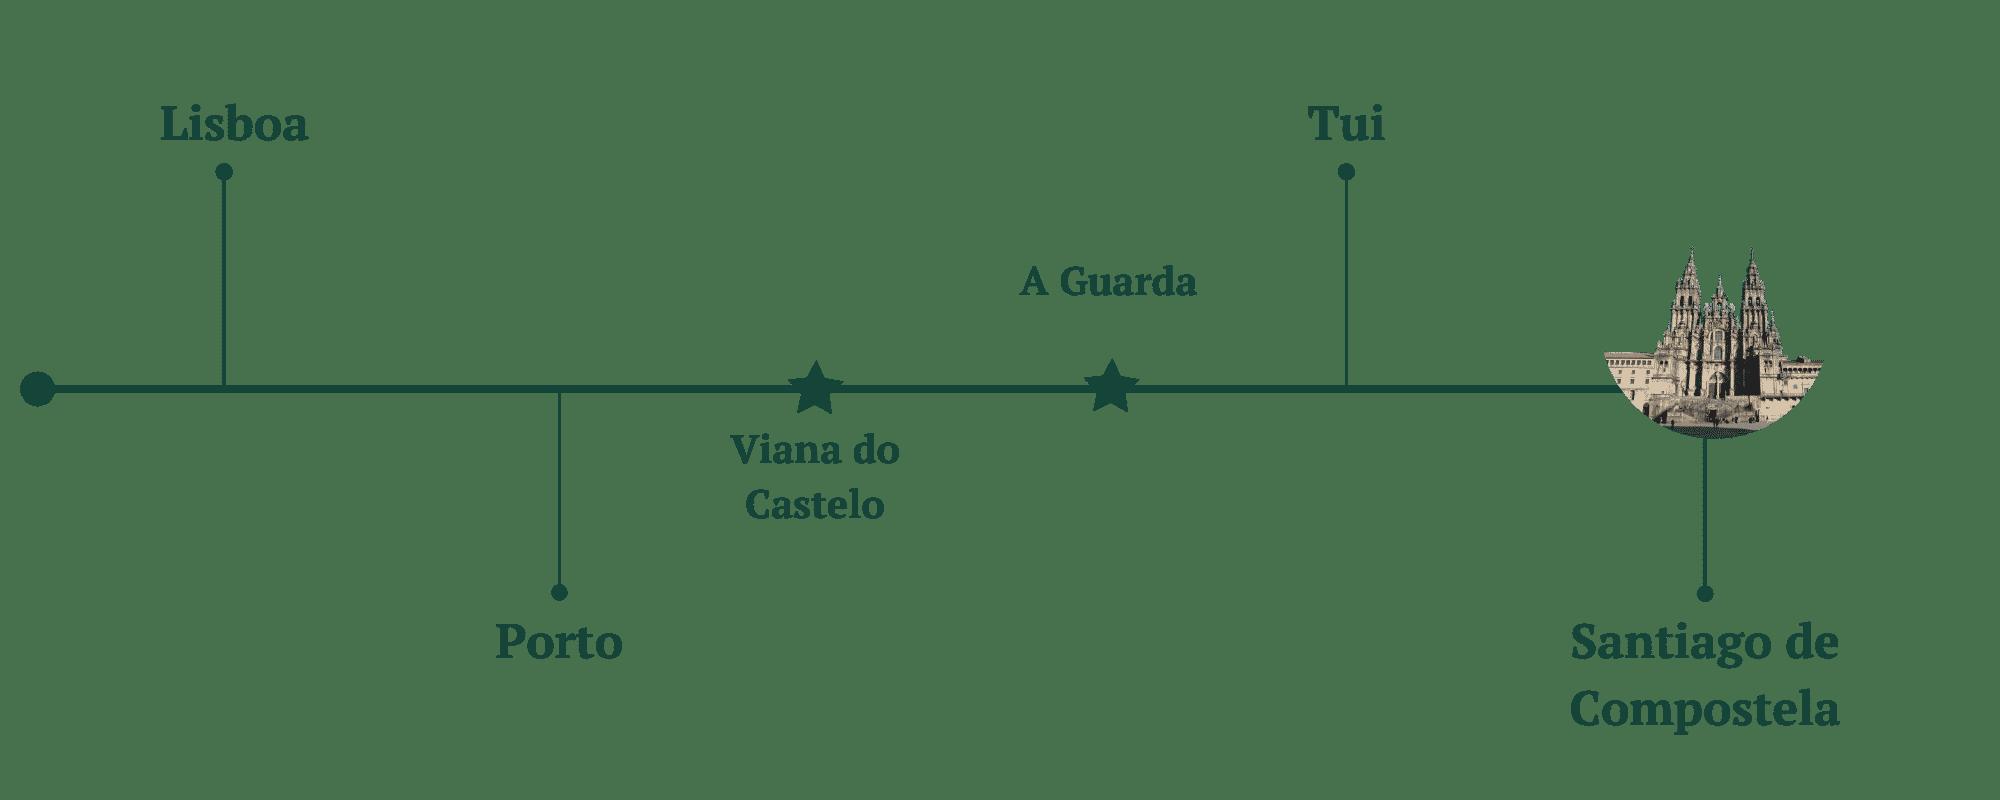 Etapas y kiómetros del Camino Portugués